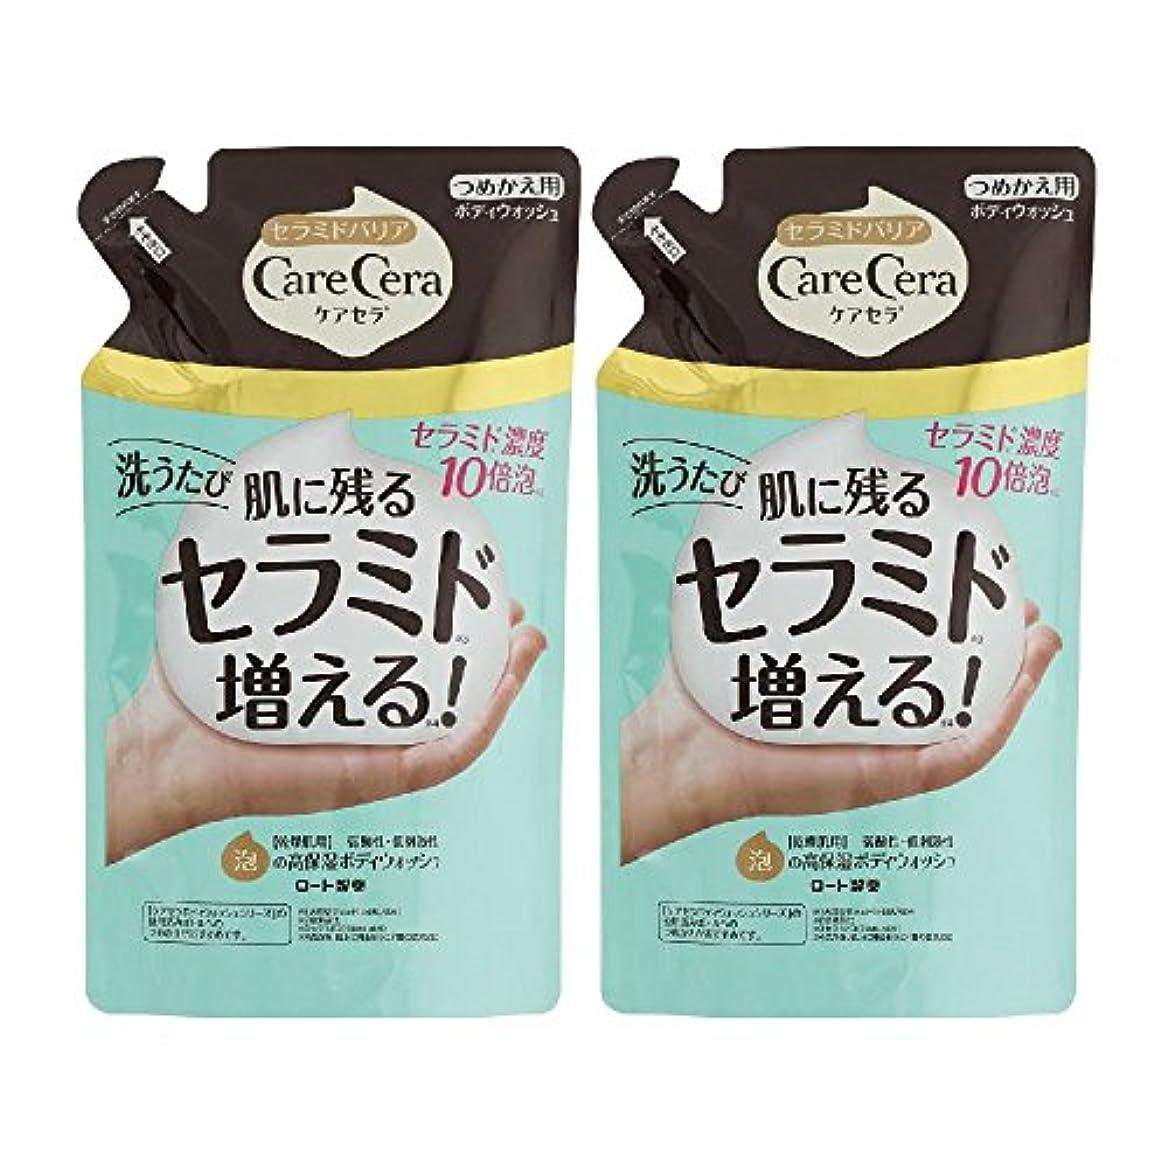 形状り順番ケアセラ (CareCera) 泡の高保湿 ボディウォッシュ ピュアフローラルの香り (つめかえ用) 350mL×2個 ※セバメドモイスチャーローション10mlサンプル付き